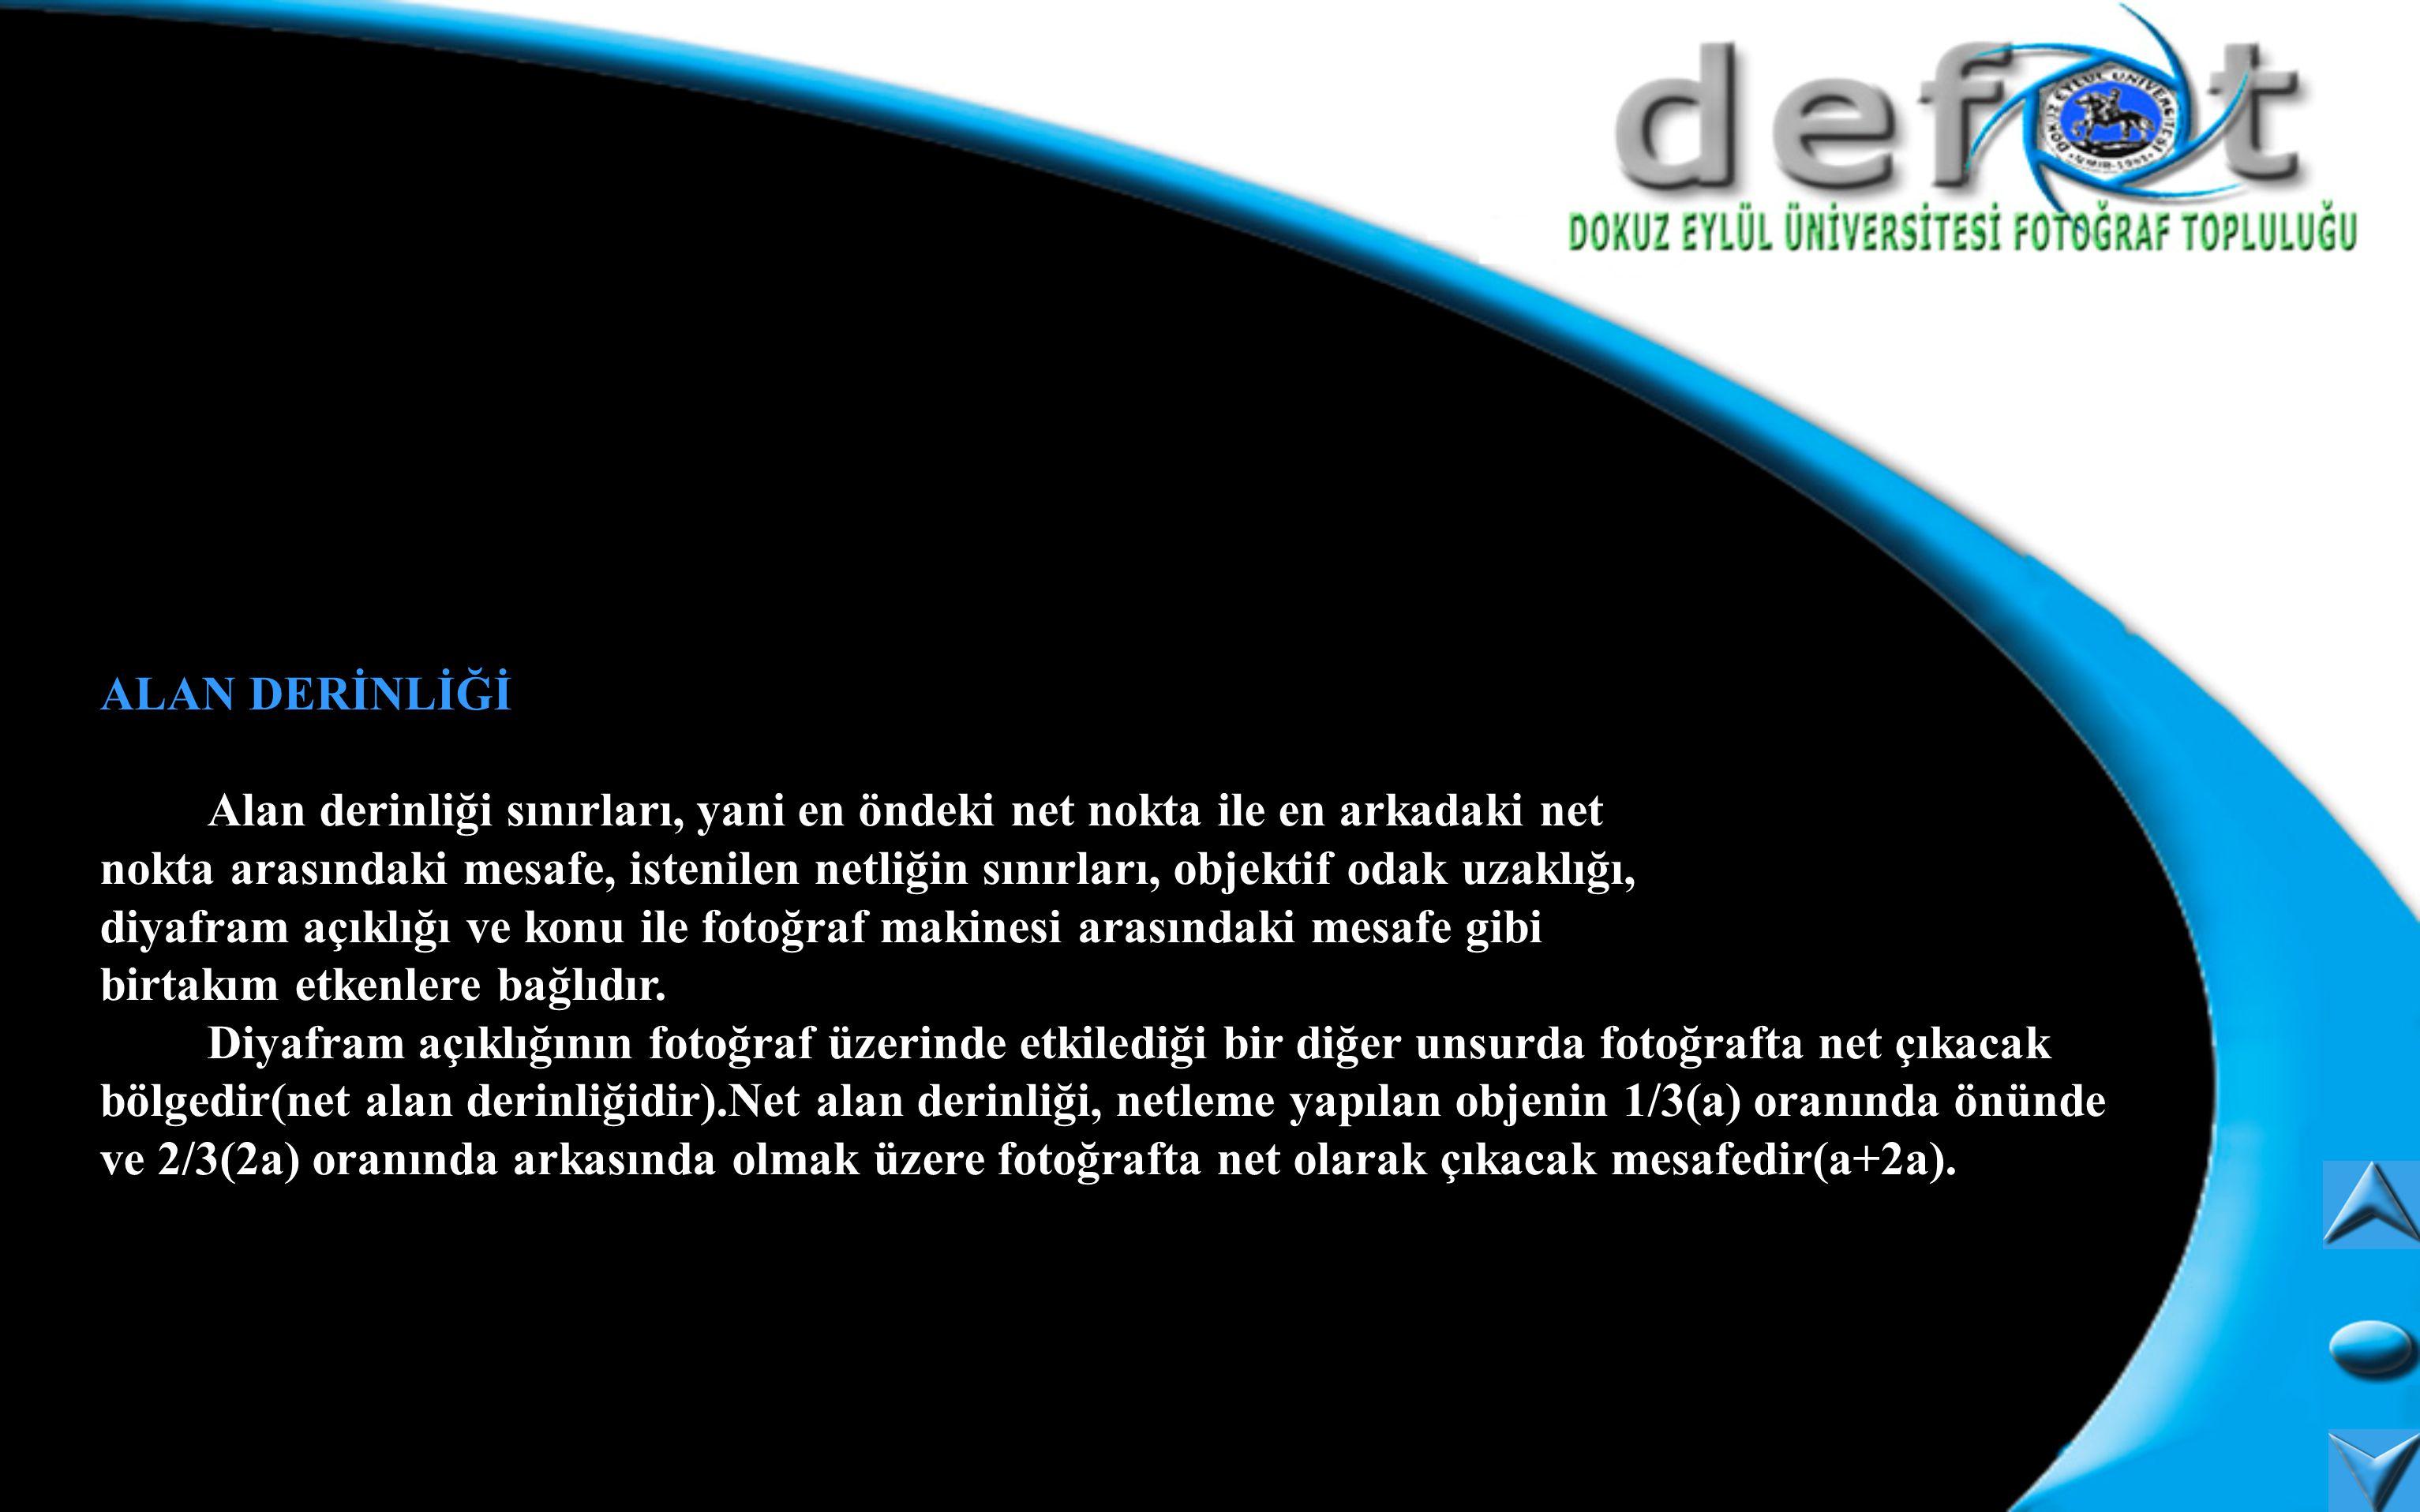 Alan derinliği objektifin üzerinde yer alan; alan derinliği halkası ile belirlenir.